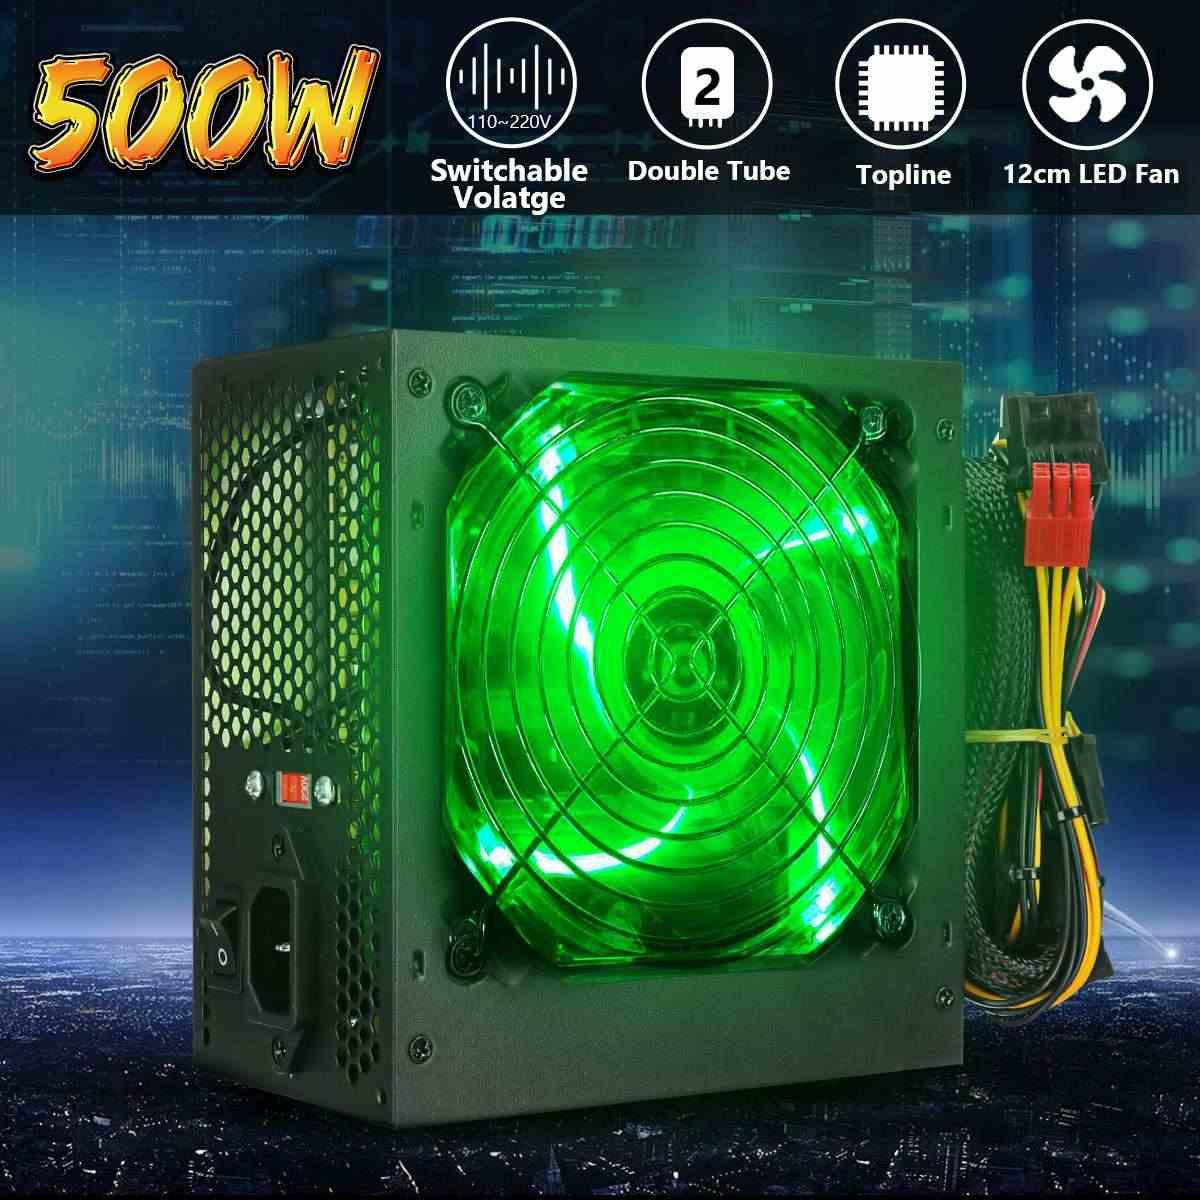 Максимальный 500 Вт источник питания 120 мм светодиодный вентилятор 24 Pin PCI SATA ATX 12 V PC компьютер блок питания для настольного игрового компьютера